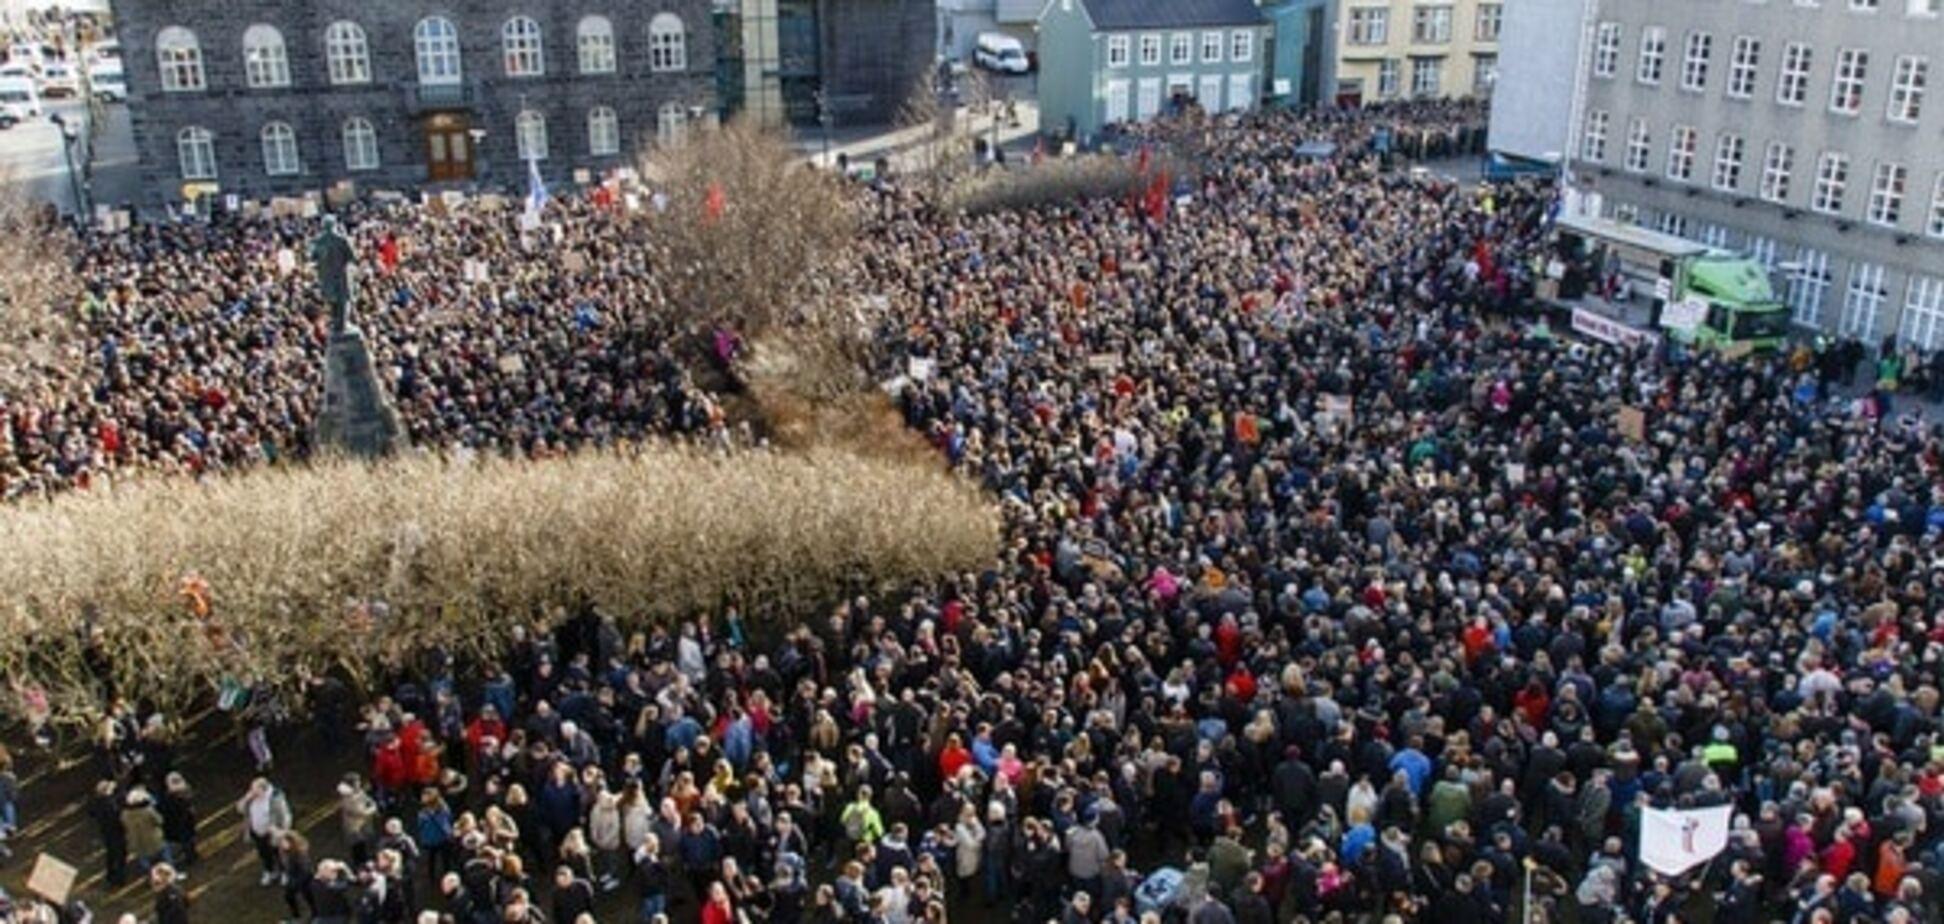 Офшорний скандал: в Ісландії тисячі людей вийшли на мітинг проти прем'єра